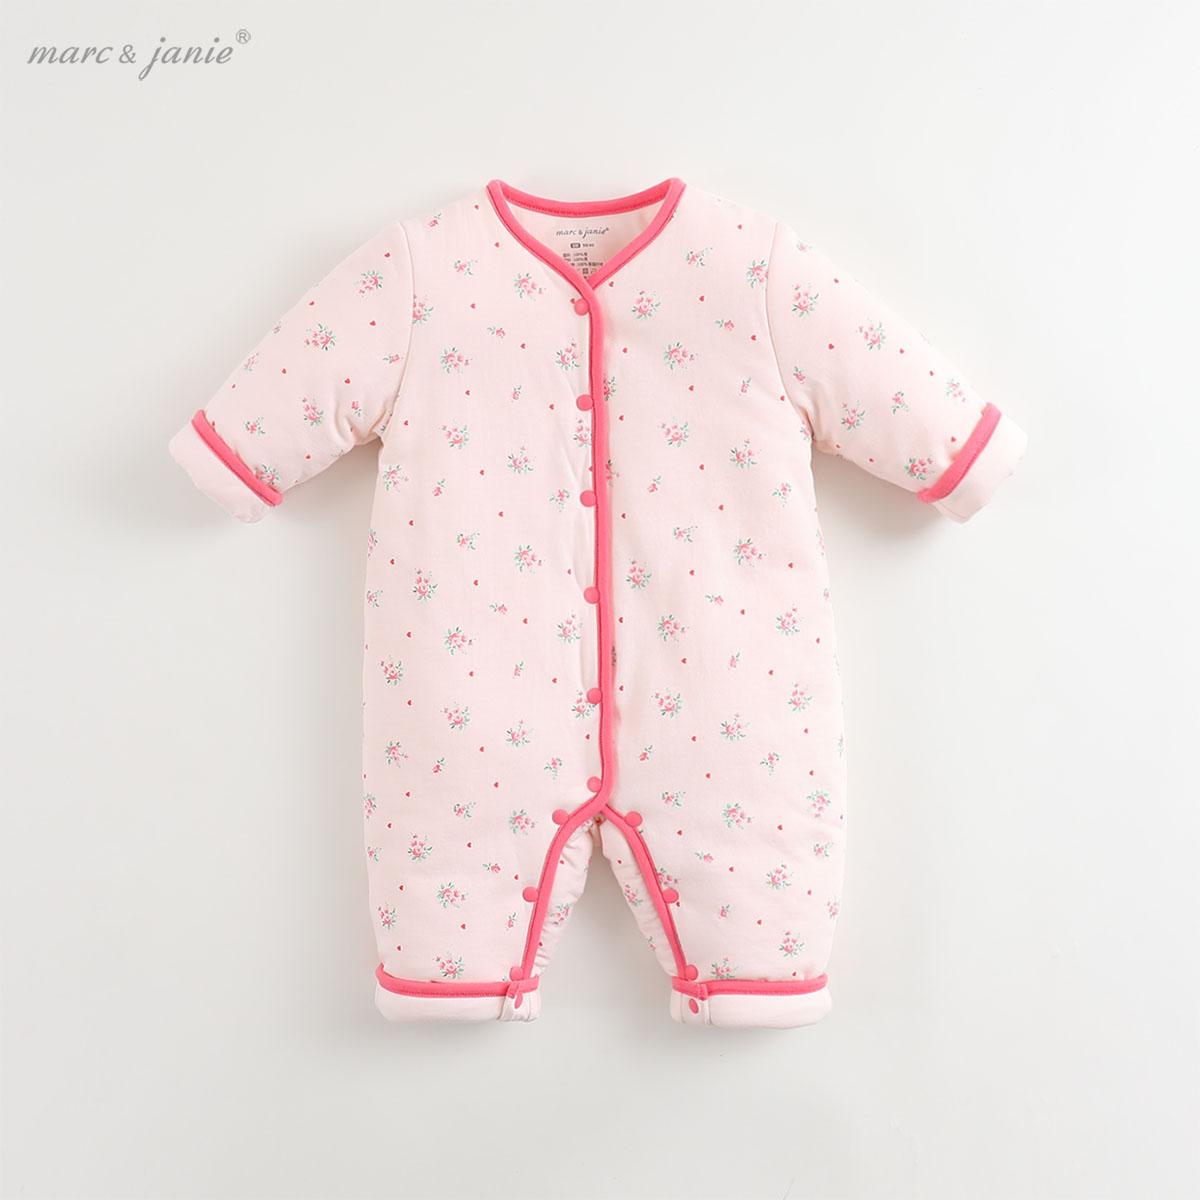 马克珍妮婴儿新生儿爬服外穿秋冬装可爱宝宝纯棉保暖连体衣棉内胆